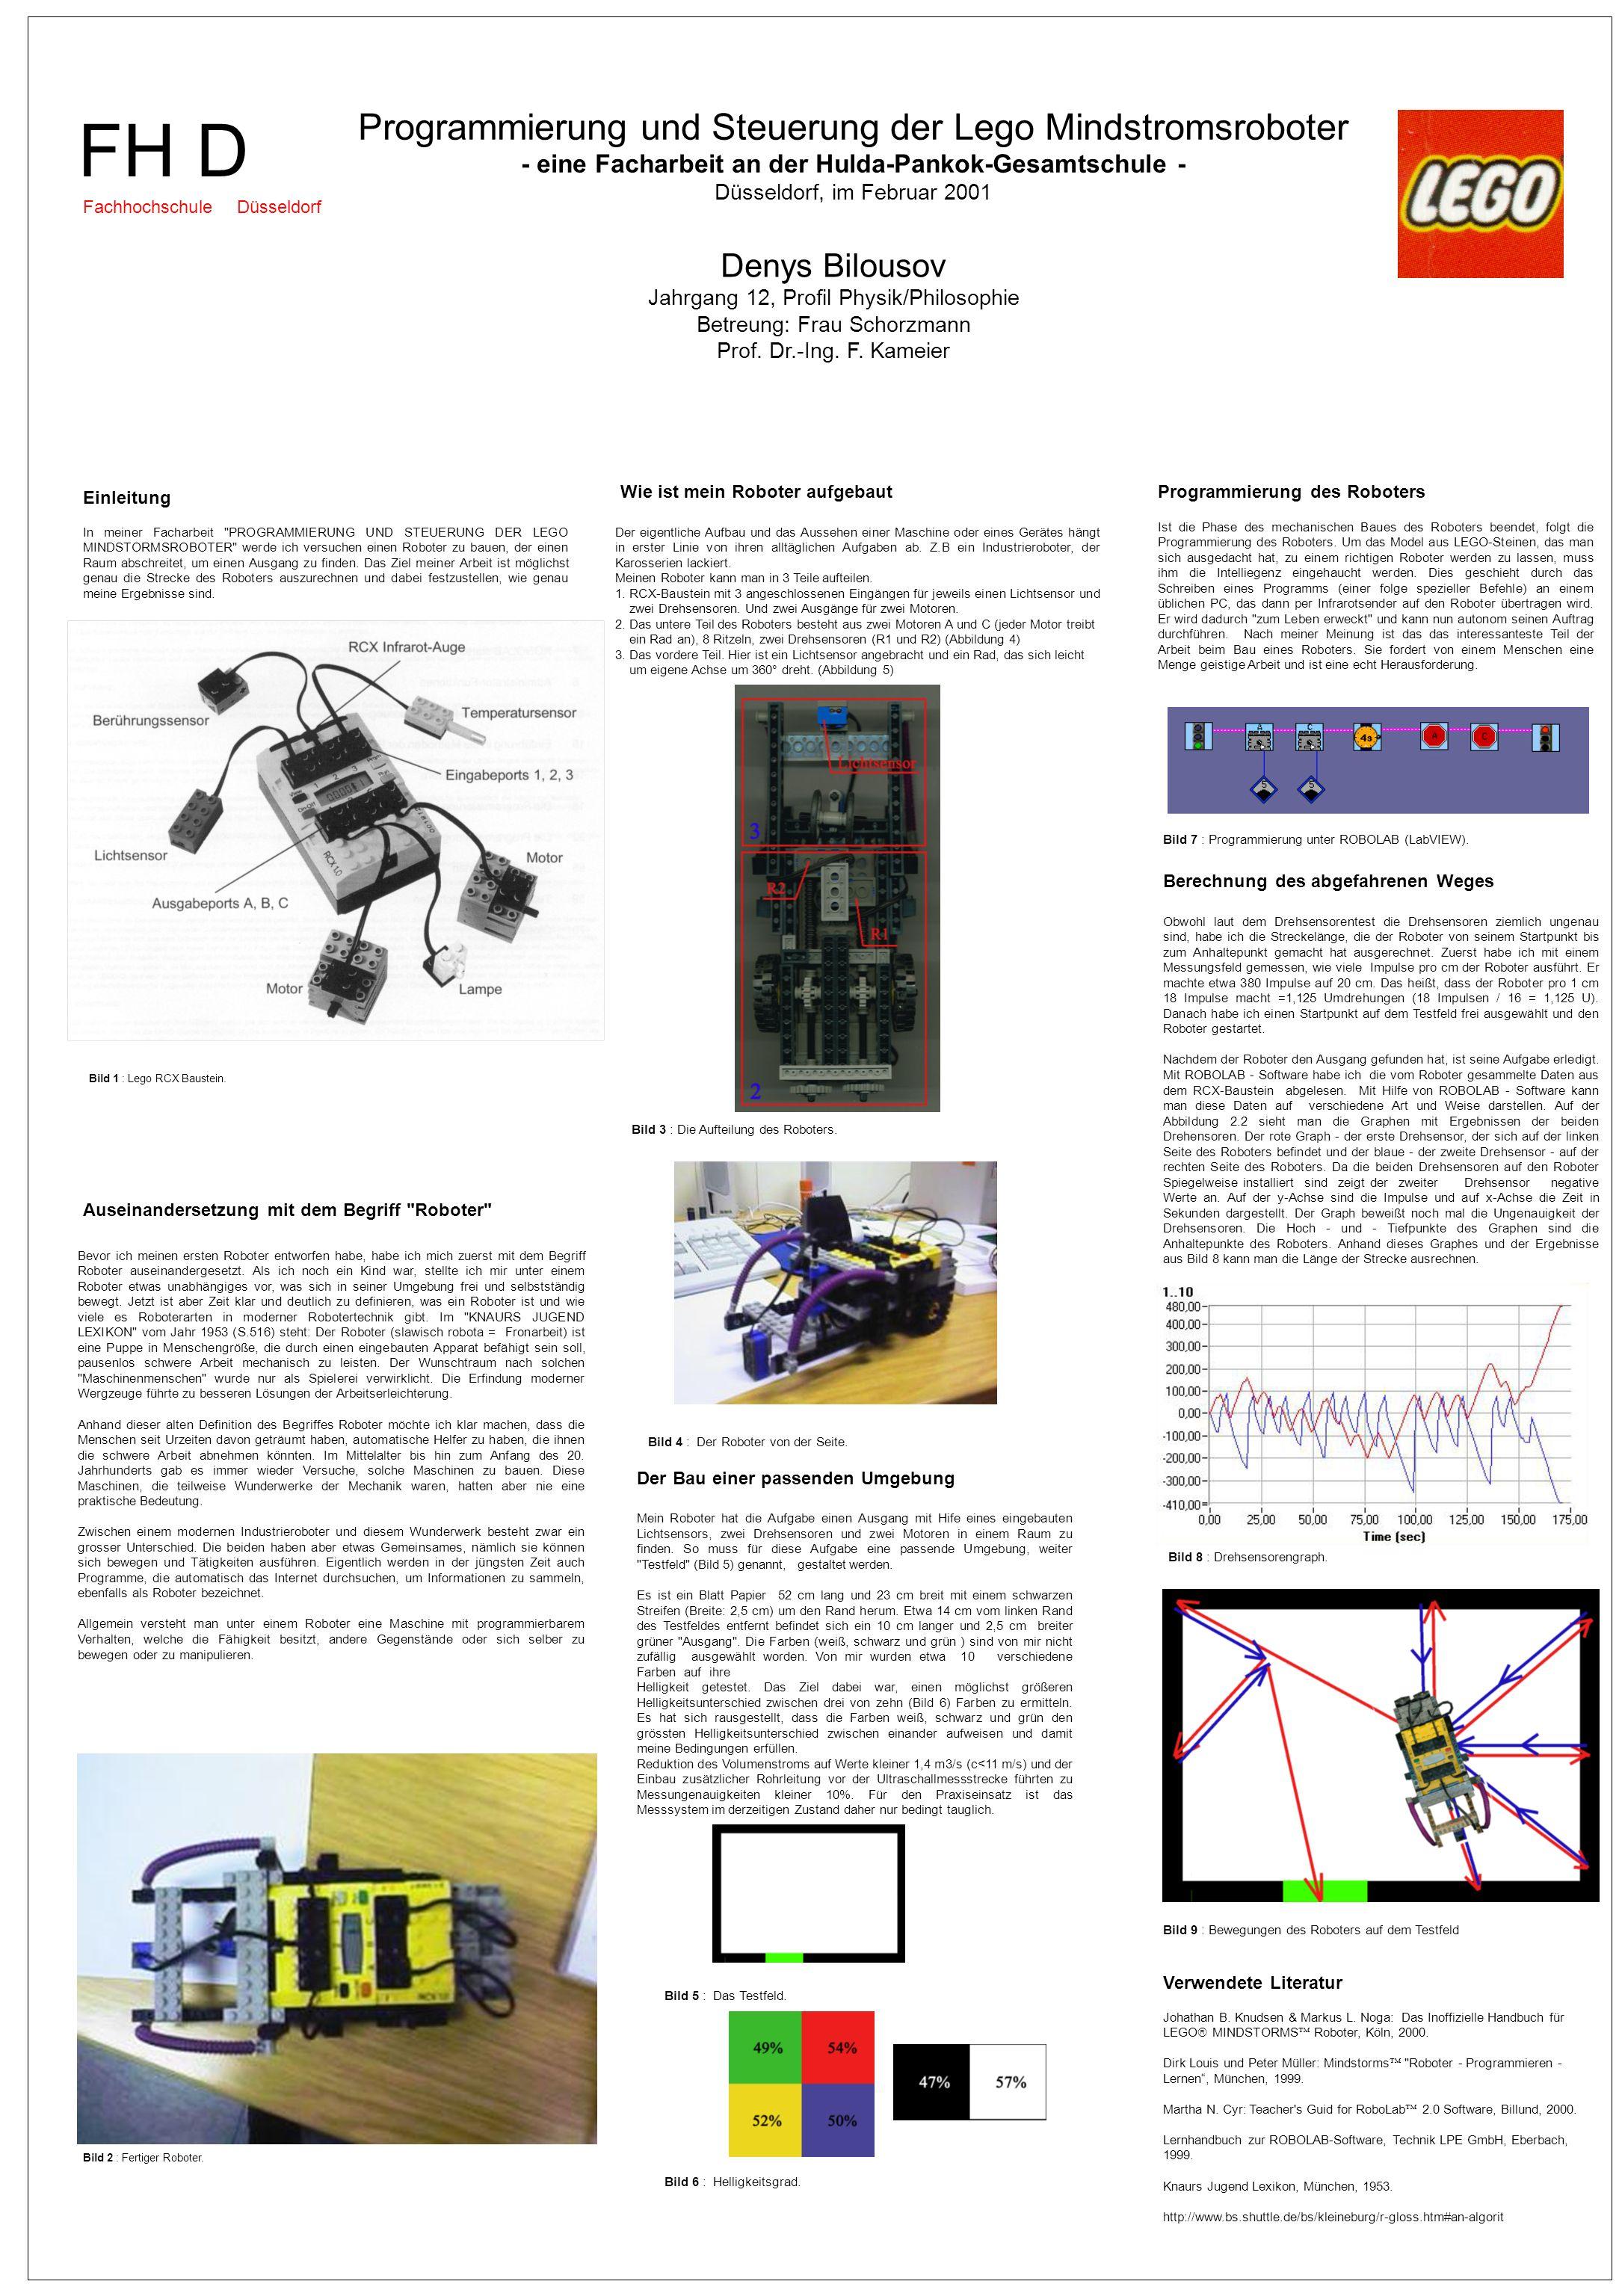 FH D FachhochschuleDüsseldorf Programmierung und Steuerung der Lego Mindstromsroboter - eine Facharbeit an der Hulda-Pankok-Gesamtschule - Düsseldorf,